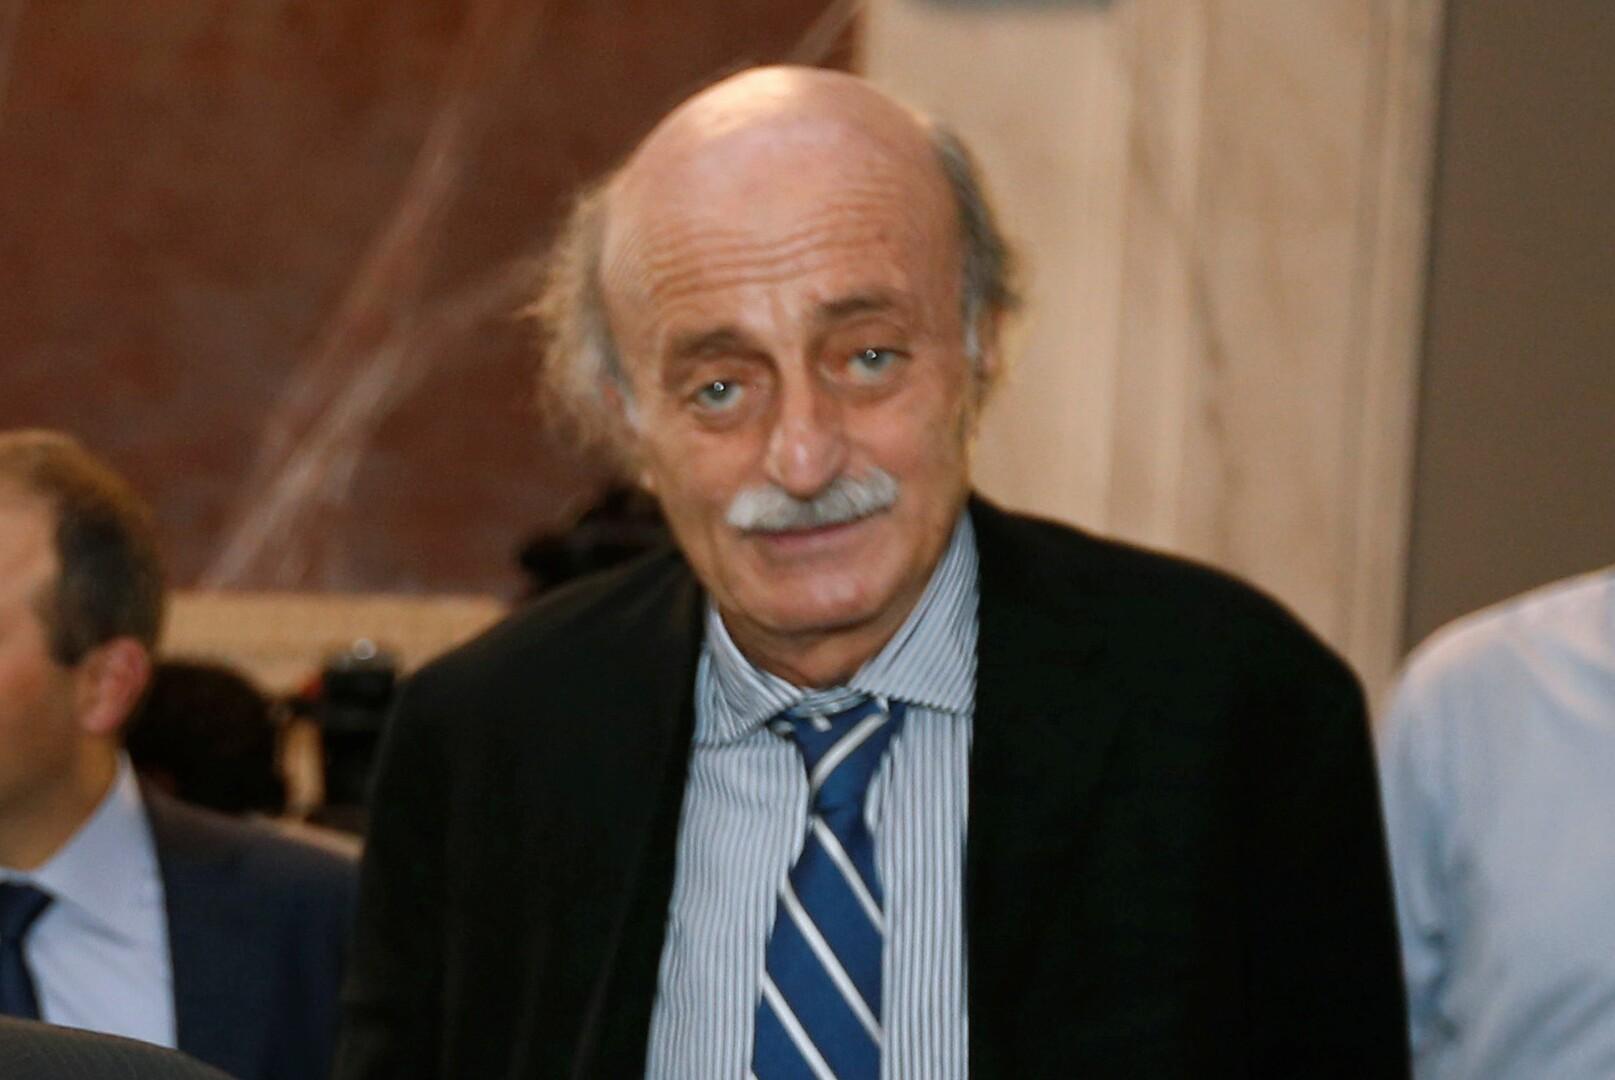 رئيس الحزب التقدمي الاشتراكي في لبنان وليد جنبلاط